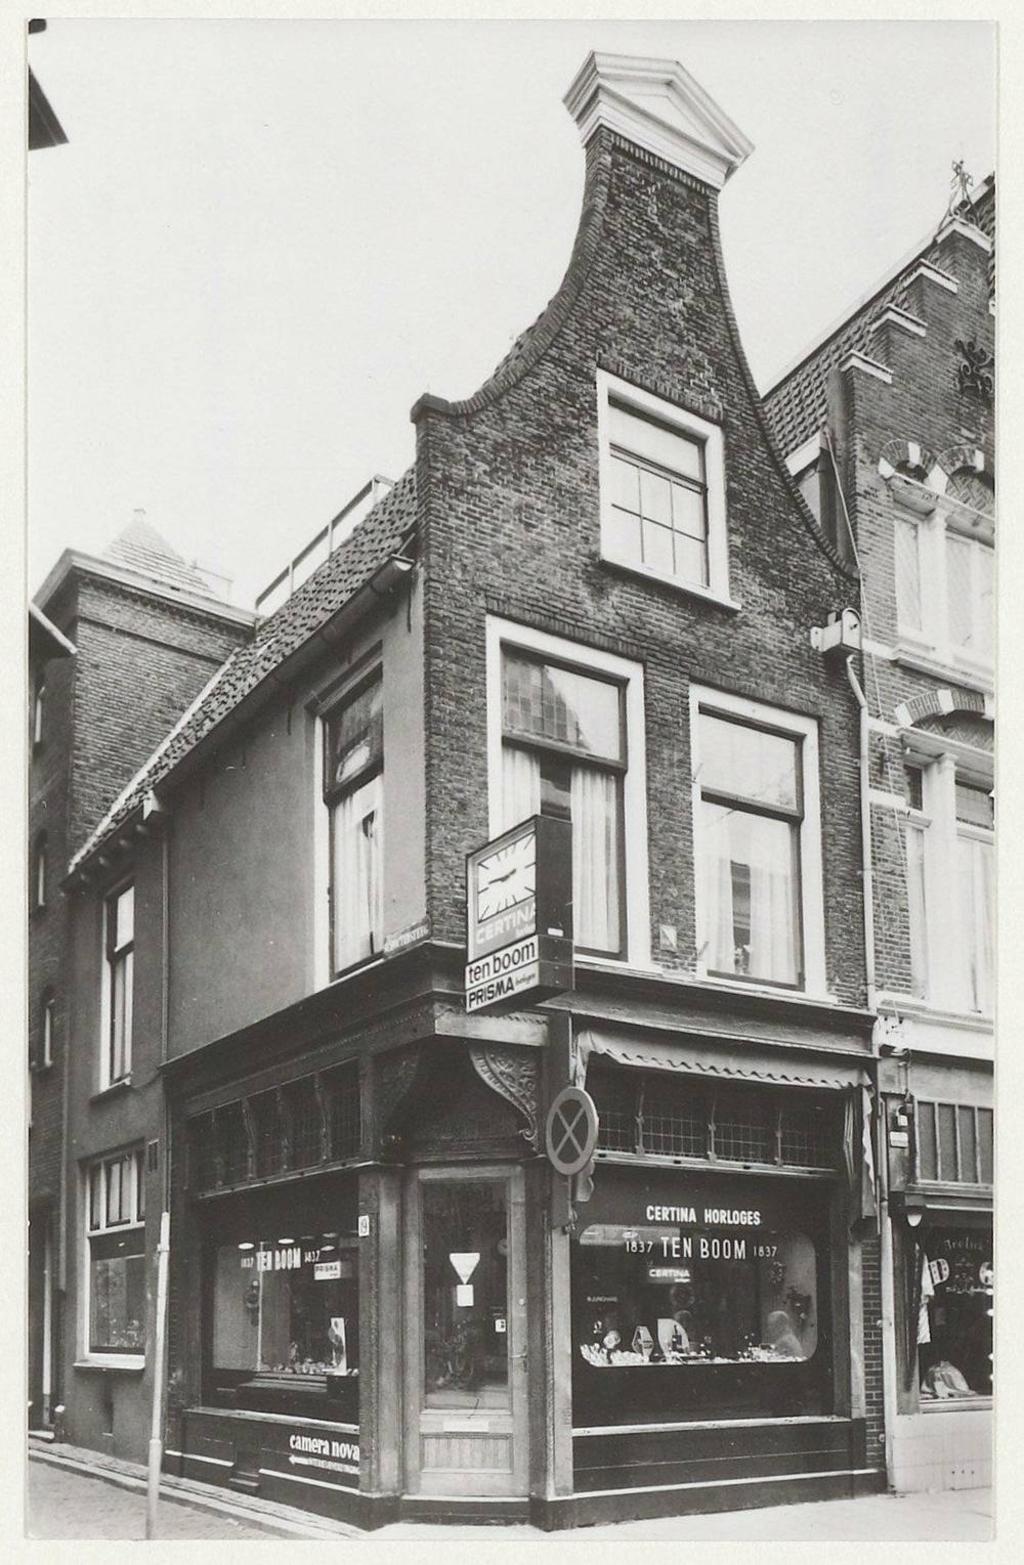 Het huis van de familie Ten Boom aan Barteljorisstraat 19. (Foto: Noord-Hollands Archief) © rodi